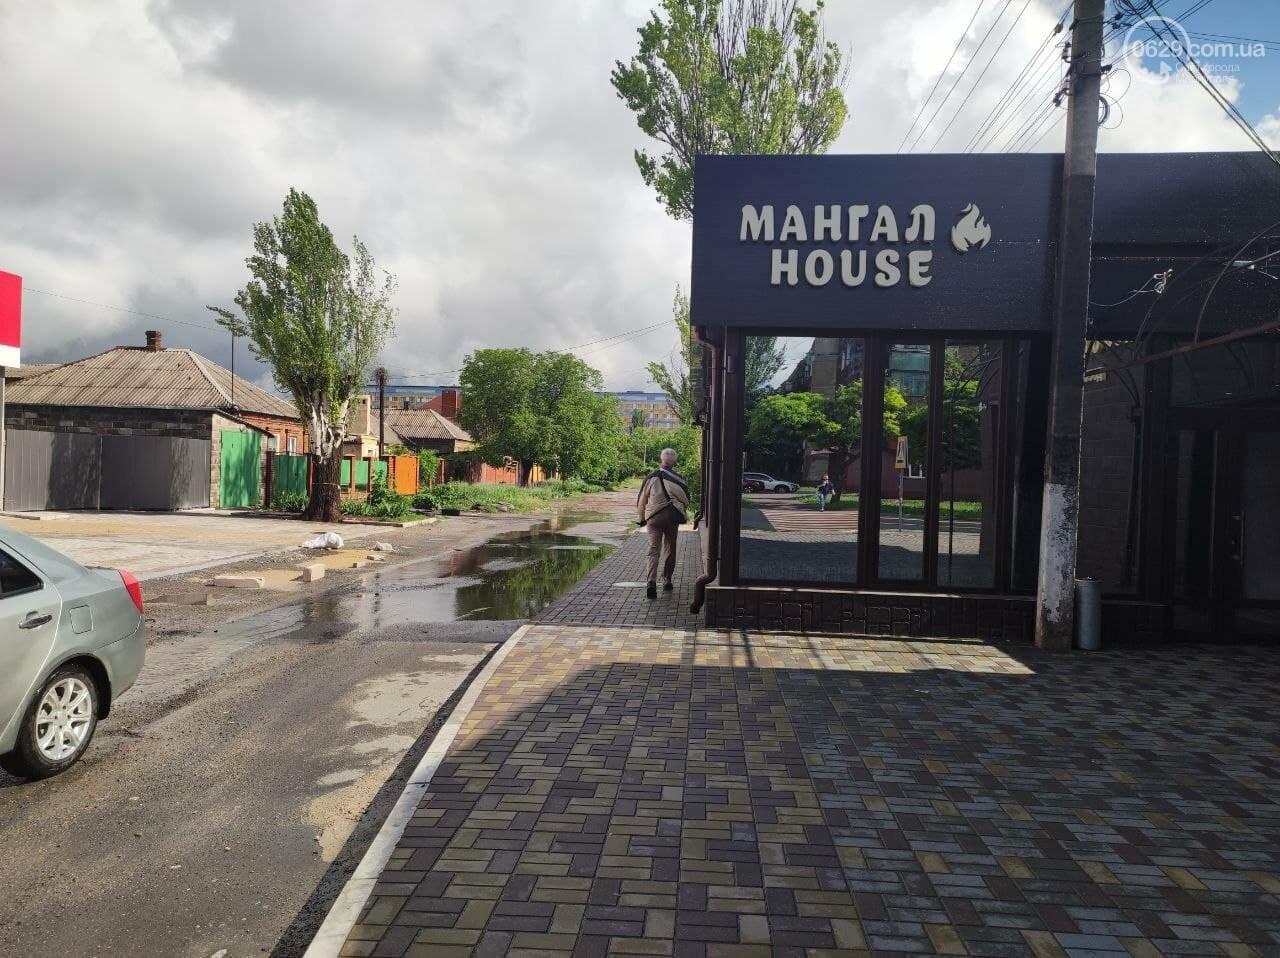 Пешеходов вытеснили: в Мариуполе кафе полностью захватило тротуар, - ФОТО, фото-2